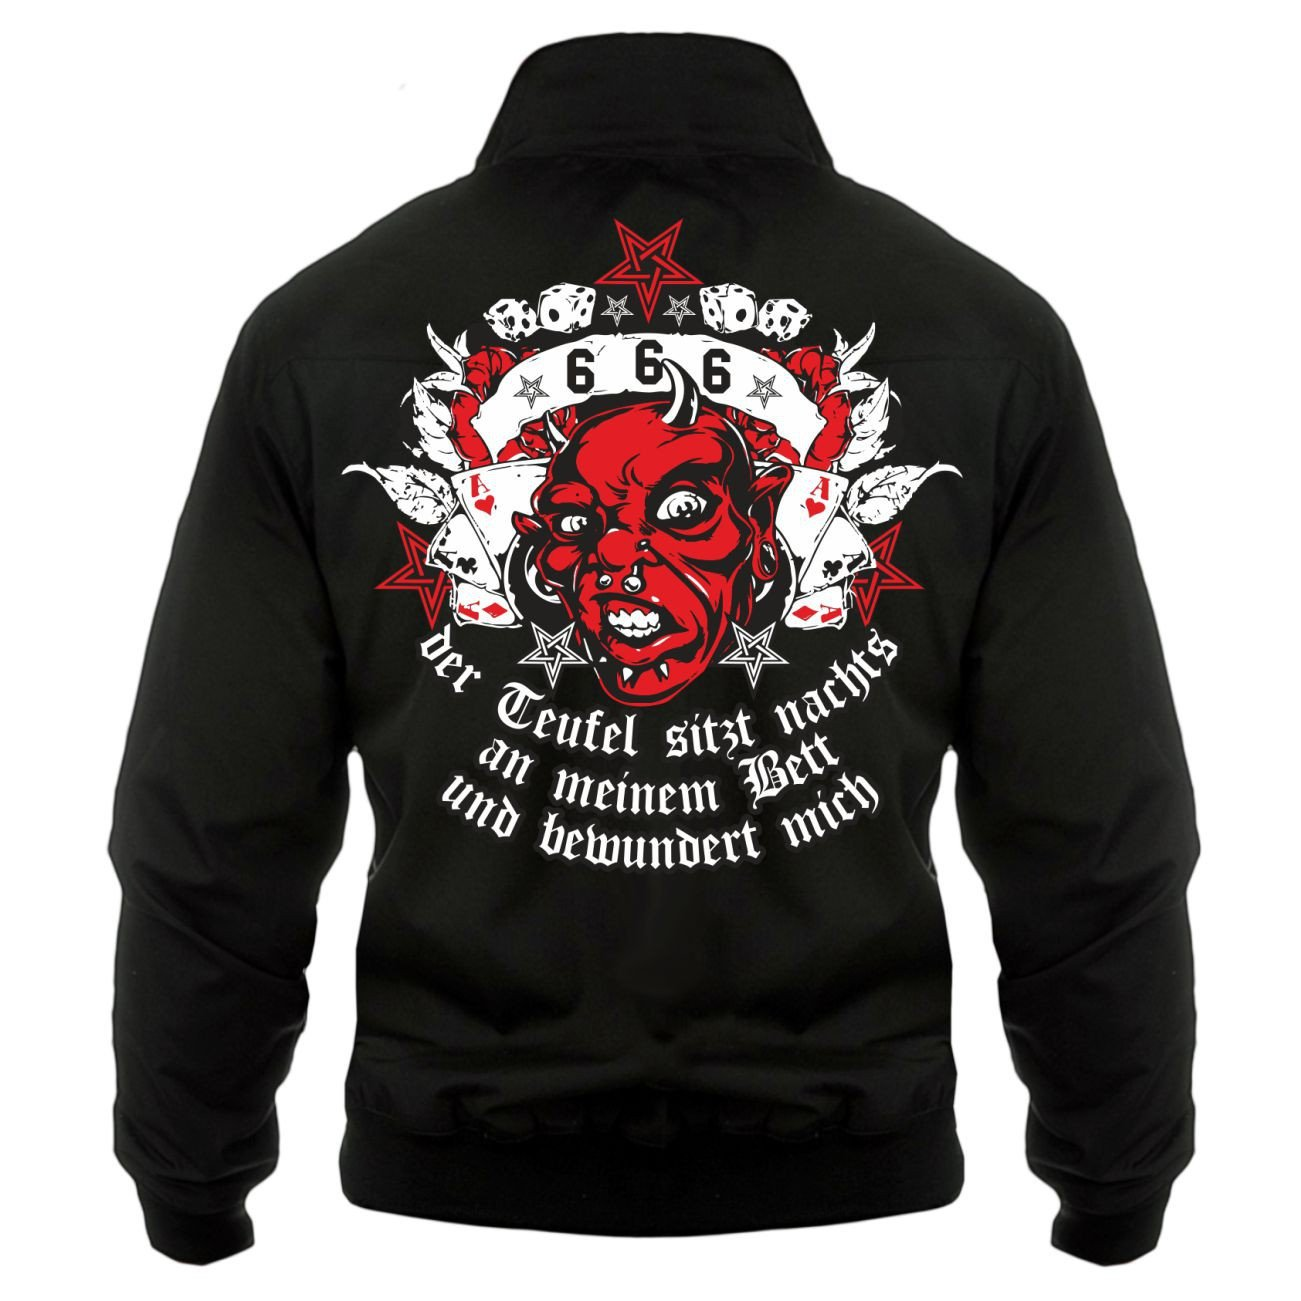 Männer und Herren Harrington Jacke Der Teufel sitzt nachts an Meinem Bett (mit Rückendruck) Größe S - 5XL 56858